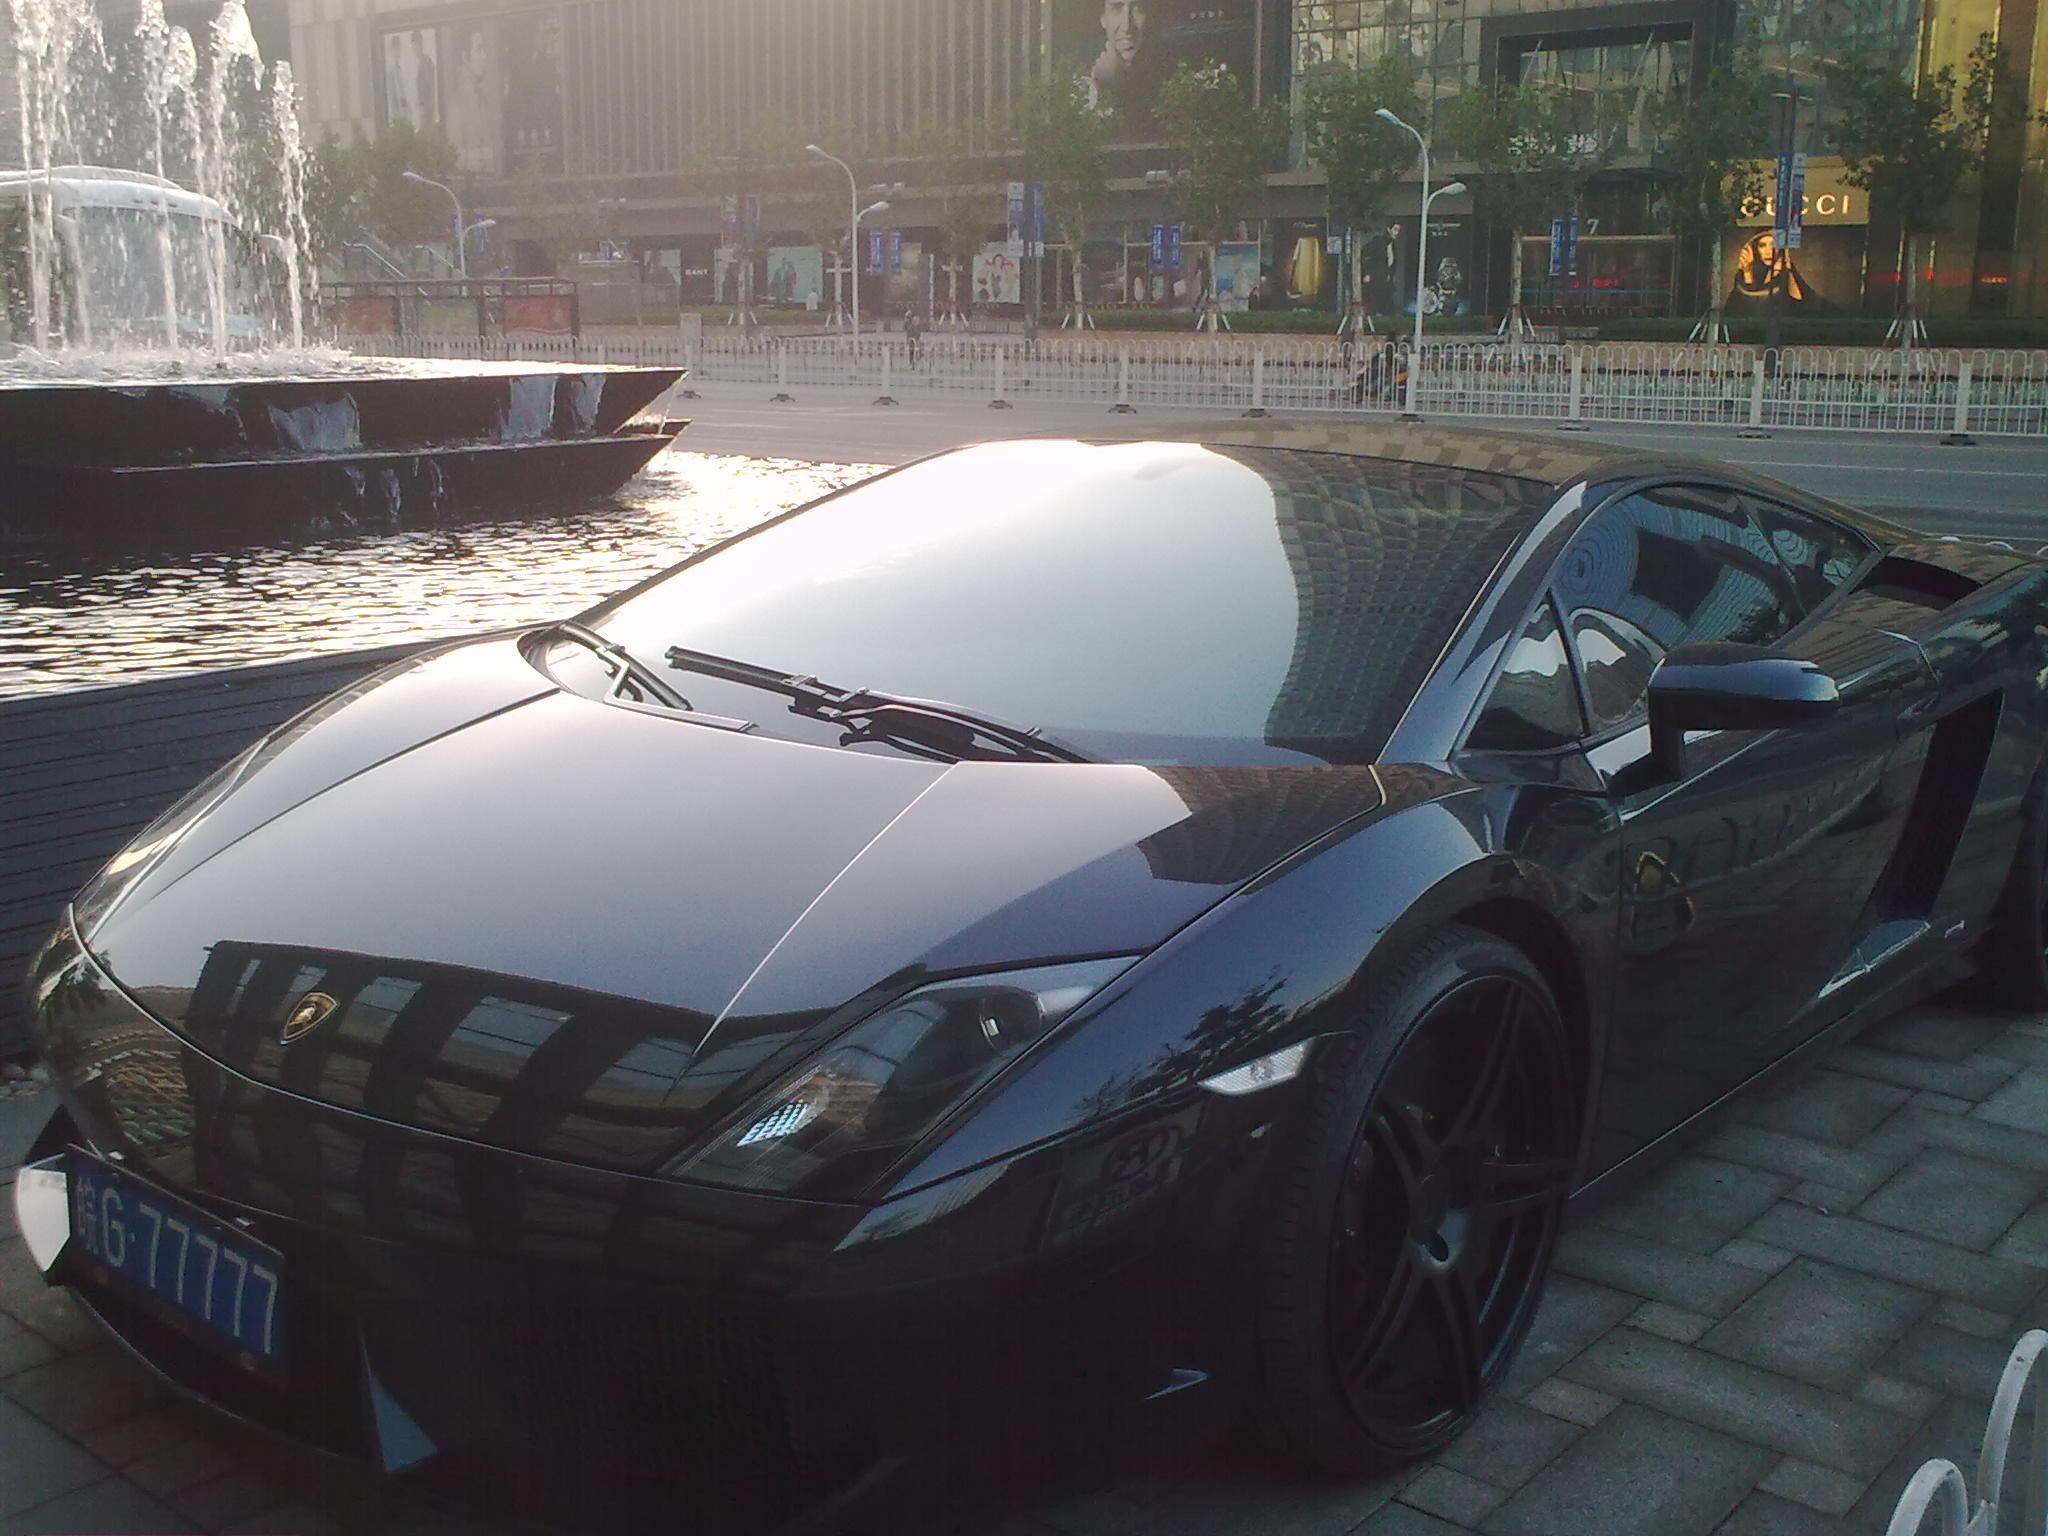 这是啥车 具体型号呵呵 我猜是兰博基尼但是不知型号和价钱高清图片